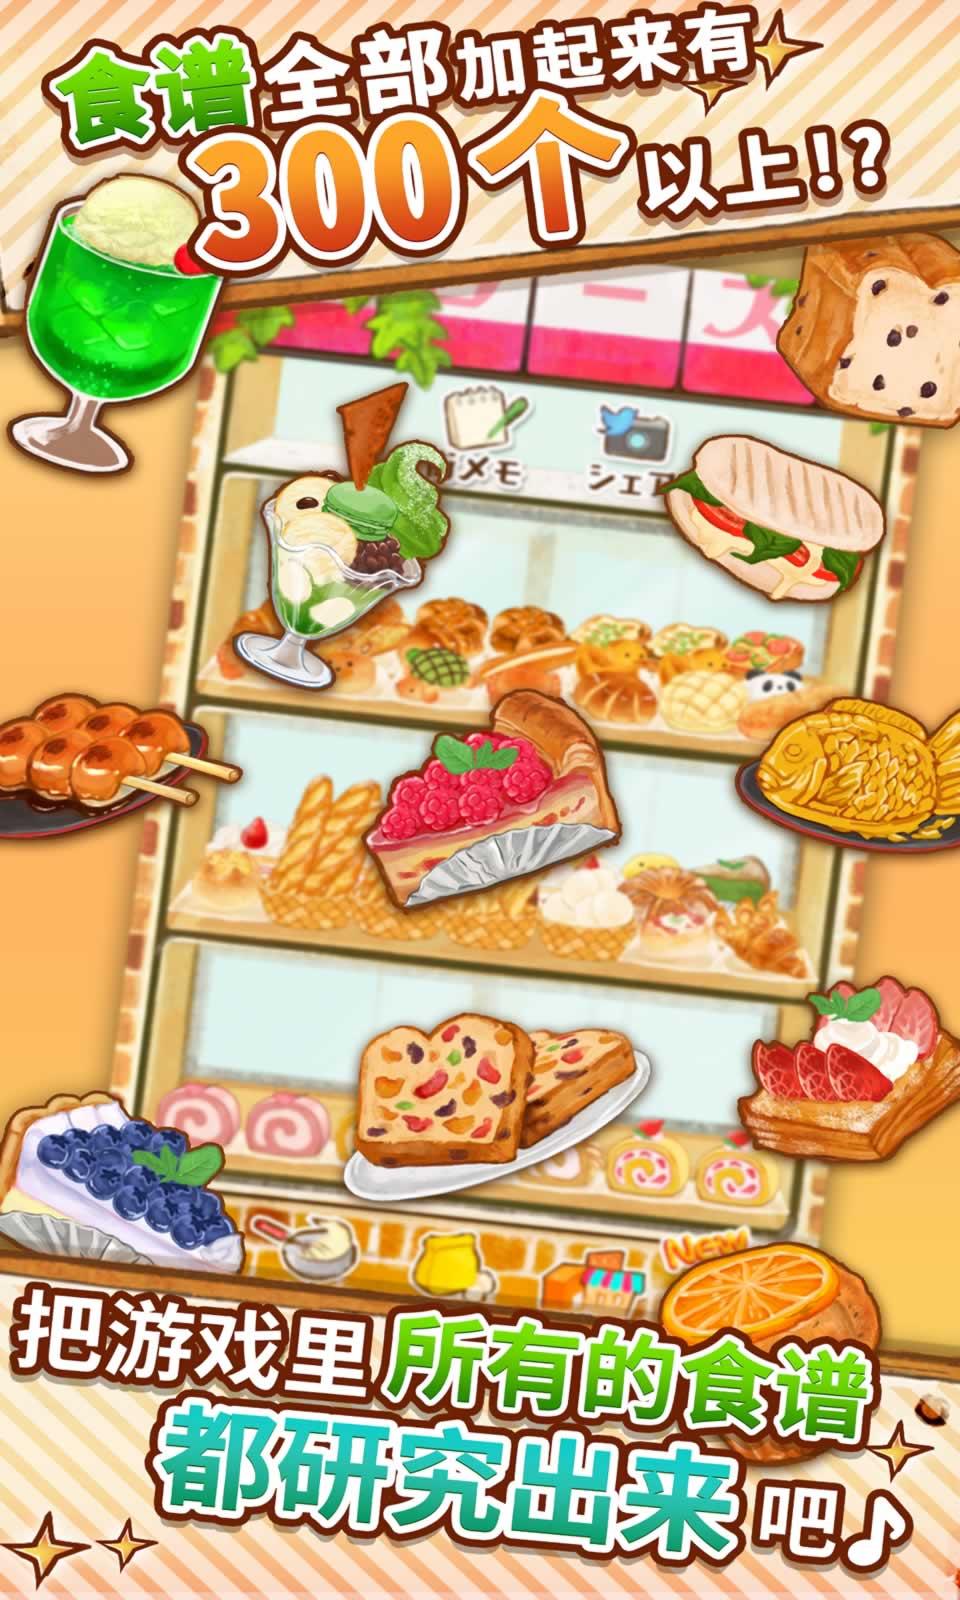 洋果子店ROSE2游戏截图